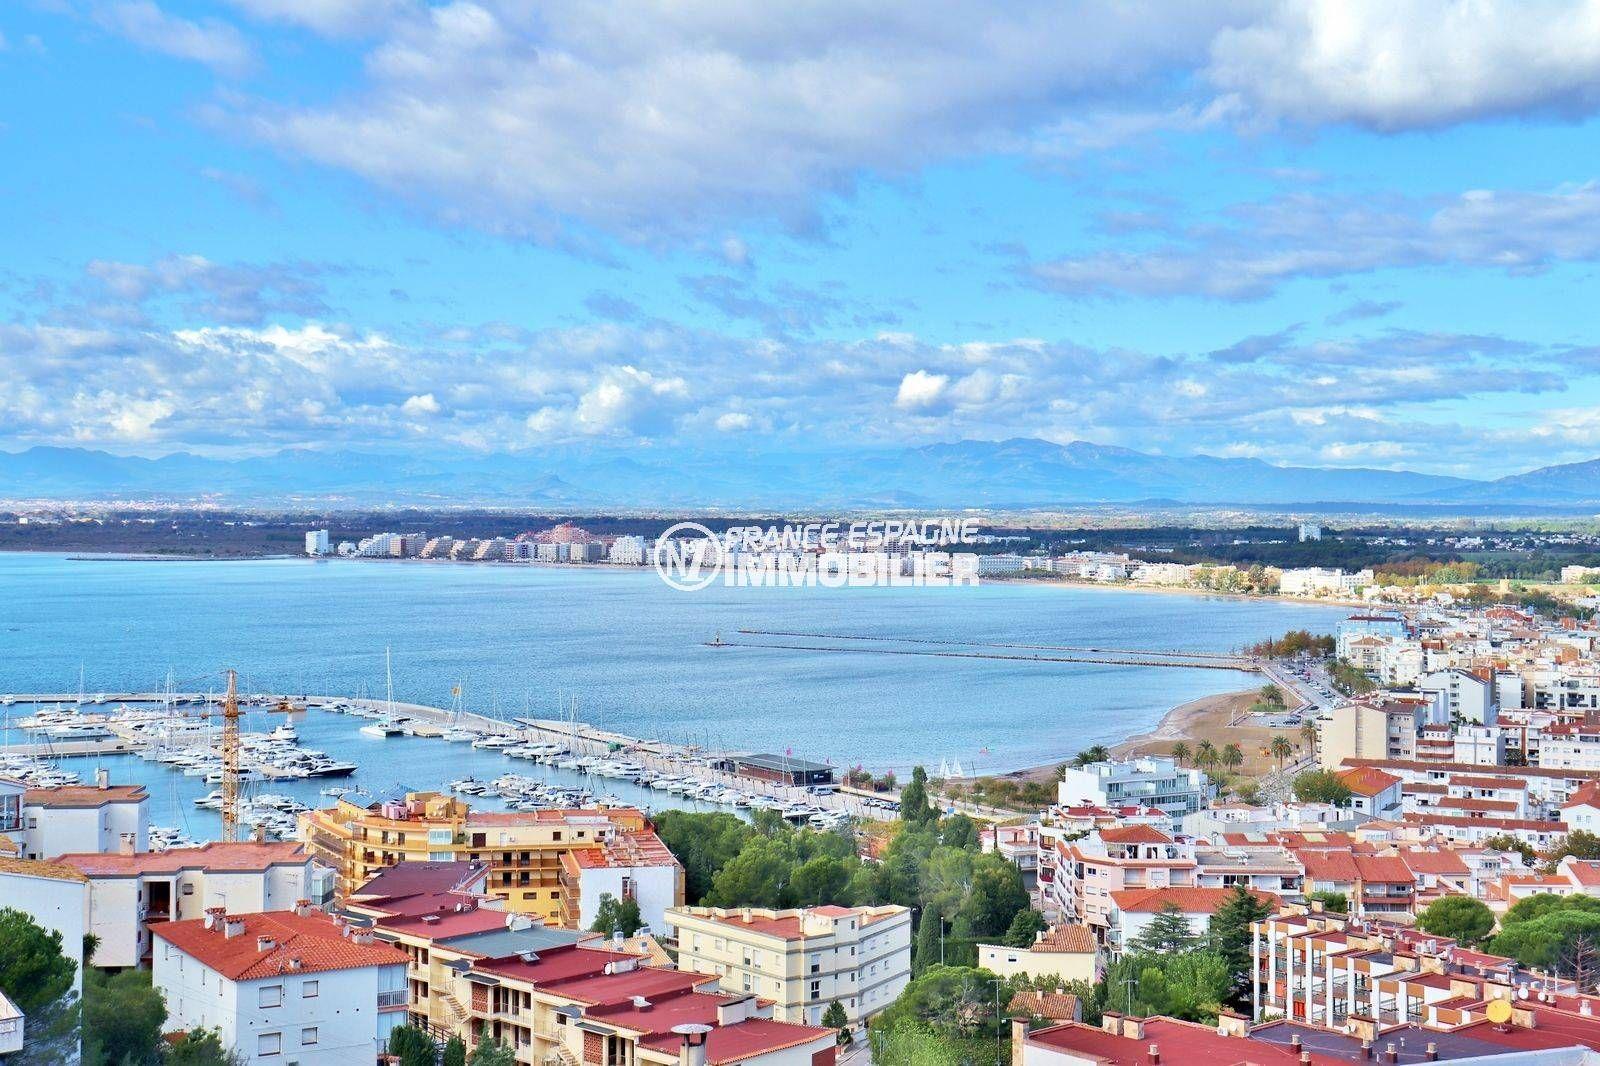 appartement a vendre rosas, ref.3824, vue mer, parking commun, proche plage et commerces